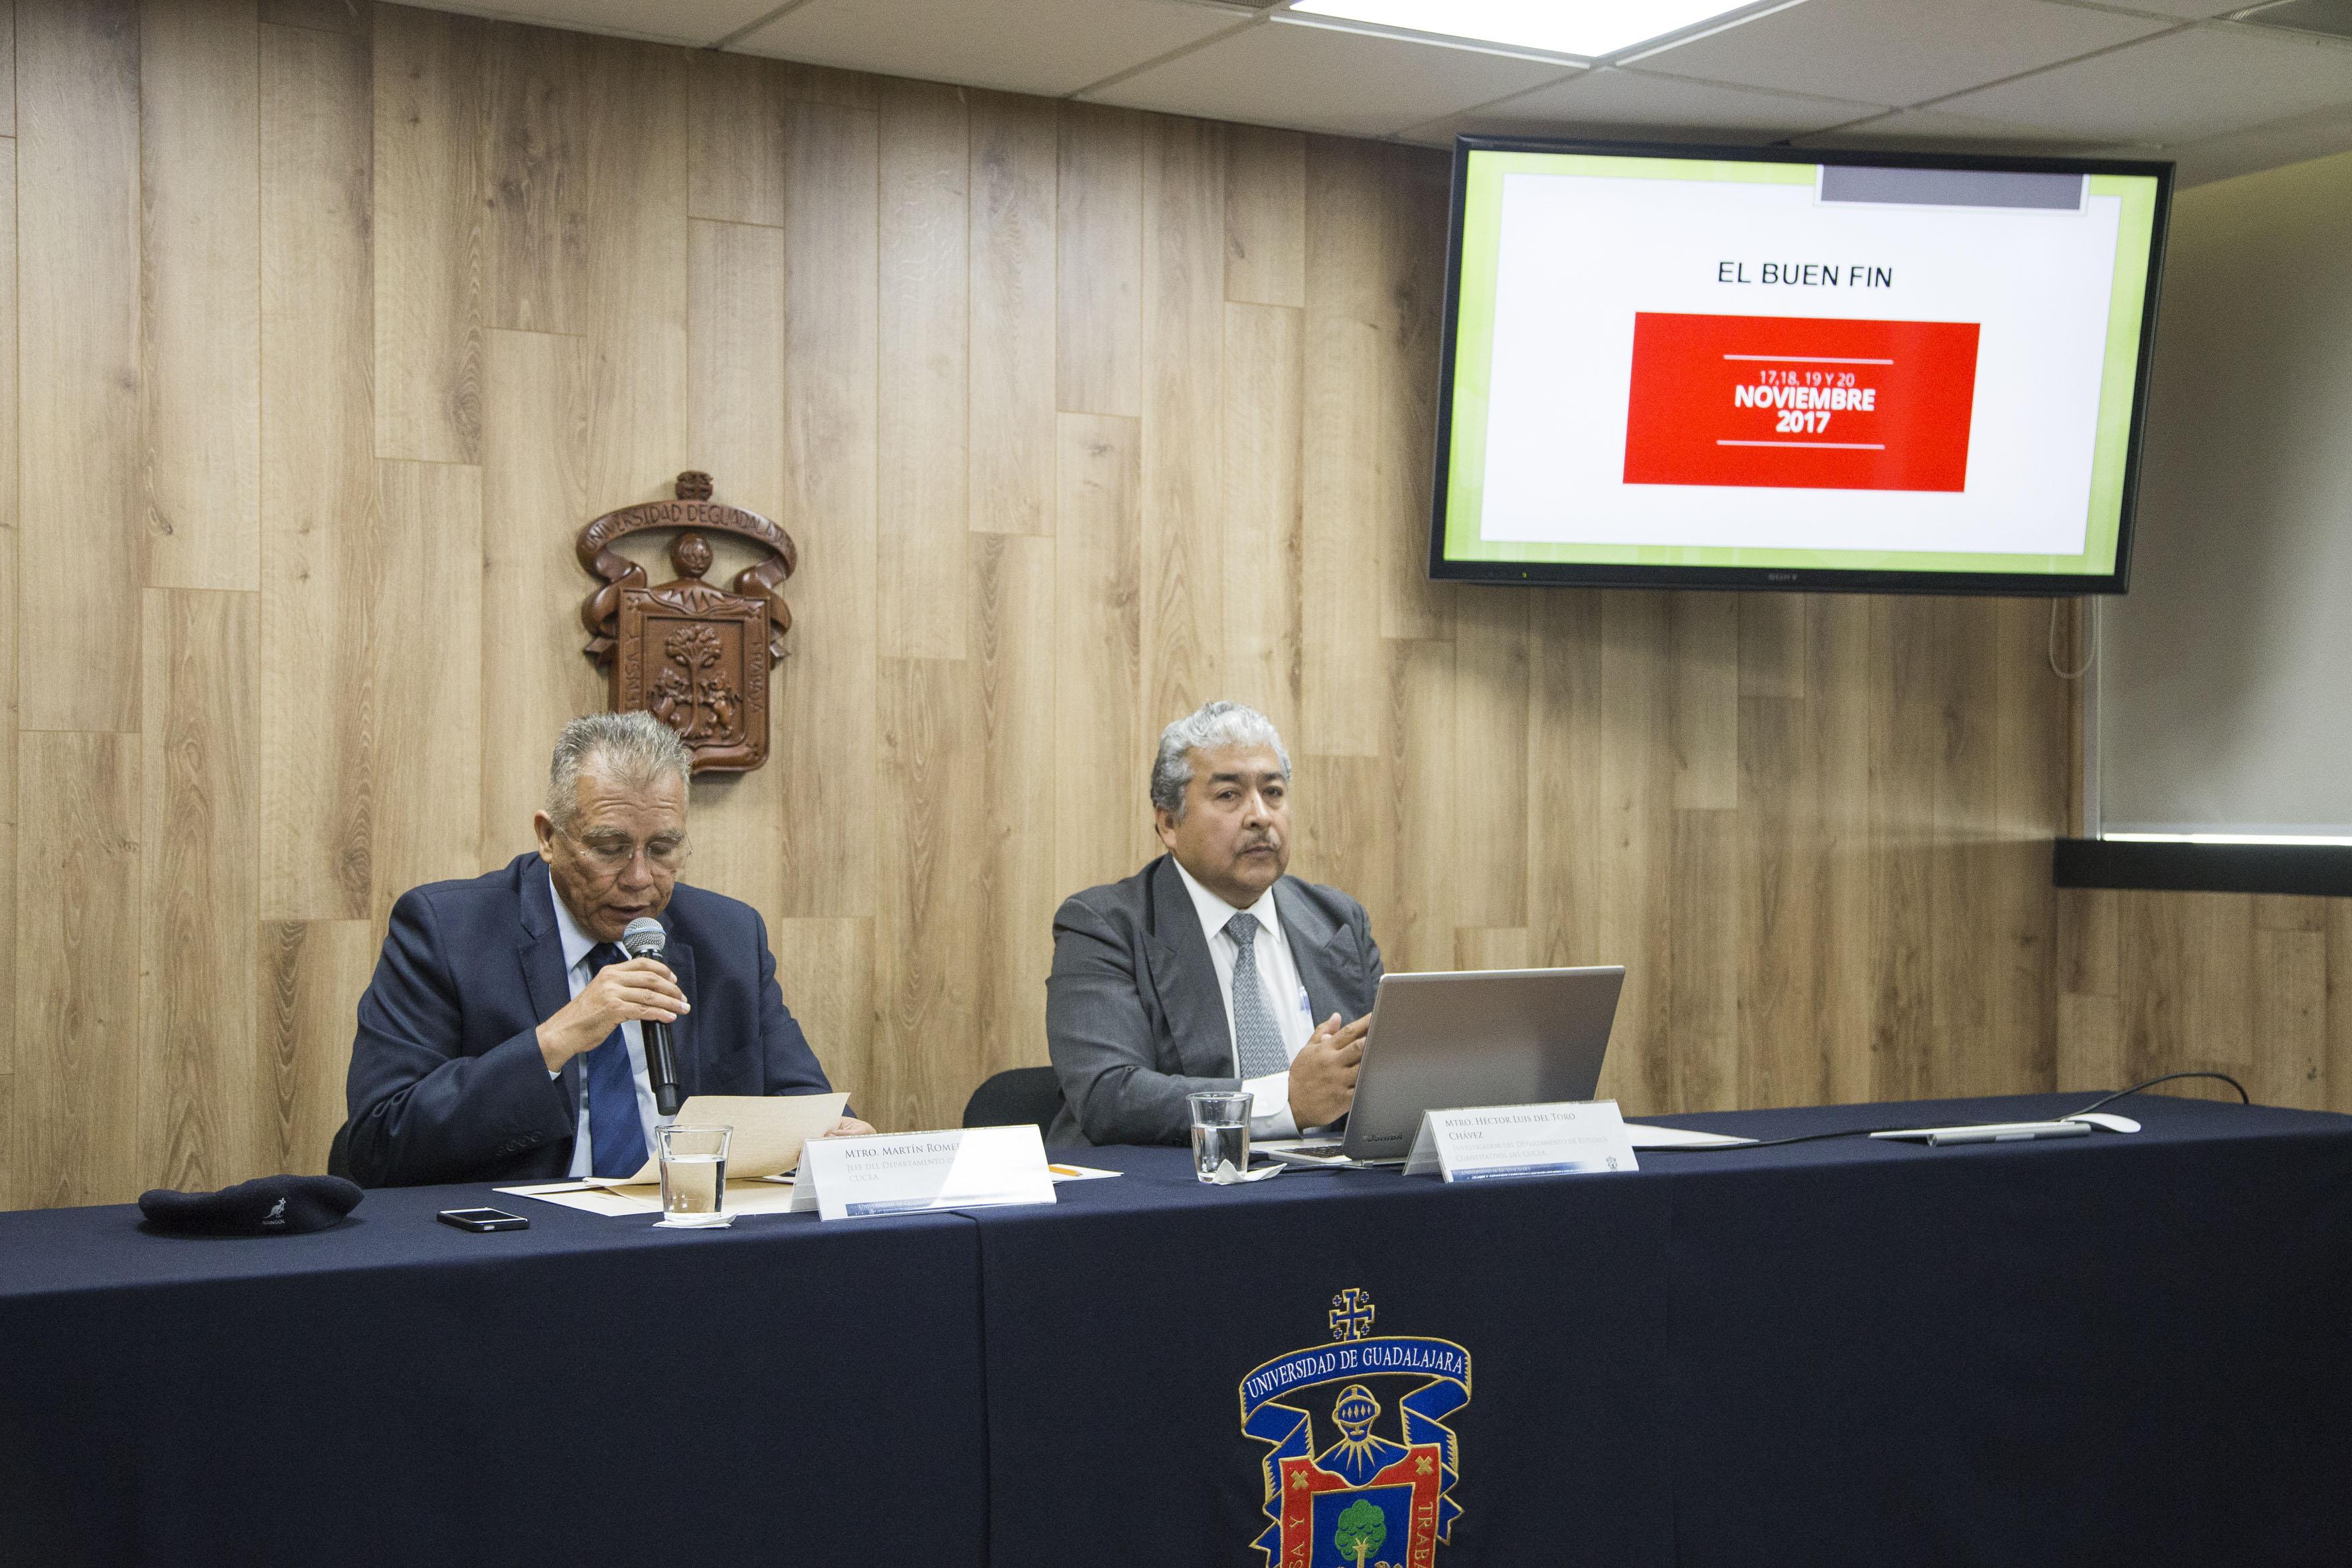 Jefe del Departamento de Economía del CUCEA, Martín Romero Morett, haciendo uso de la palabra